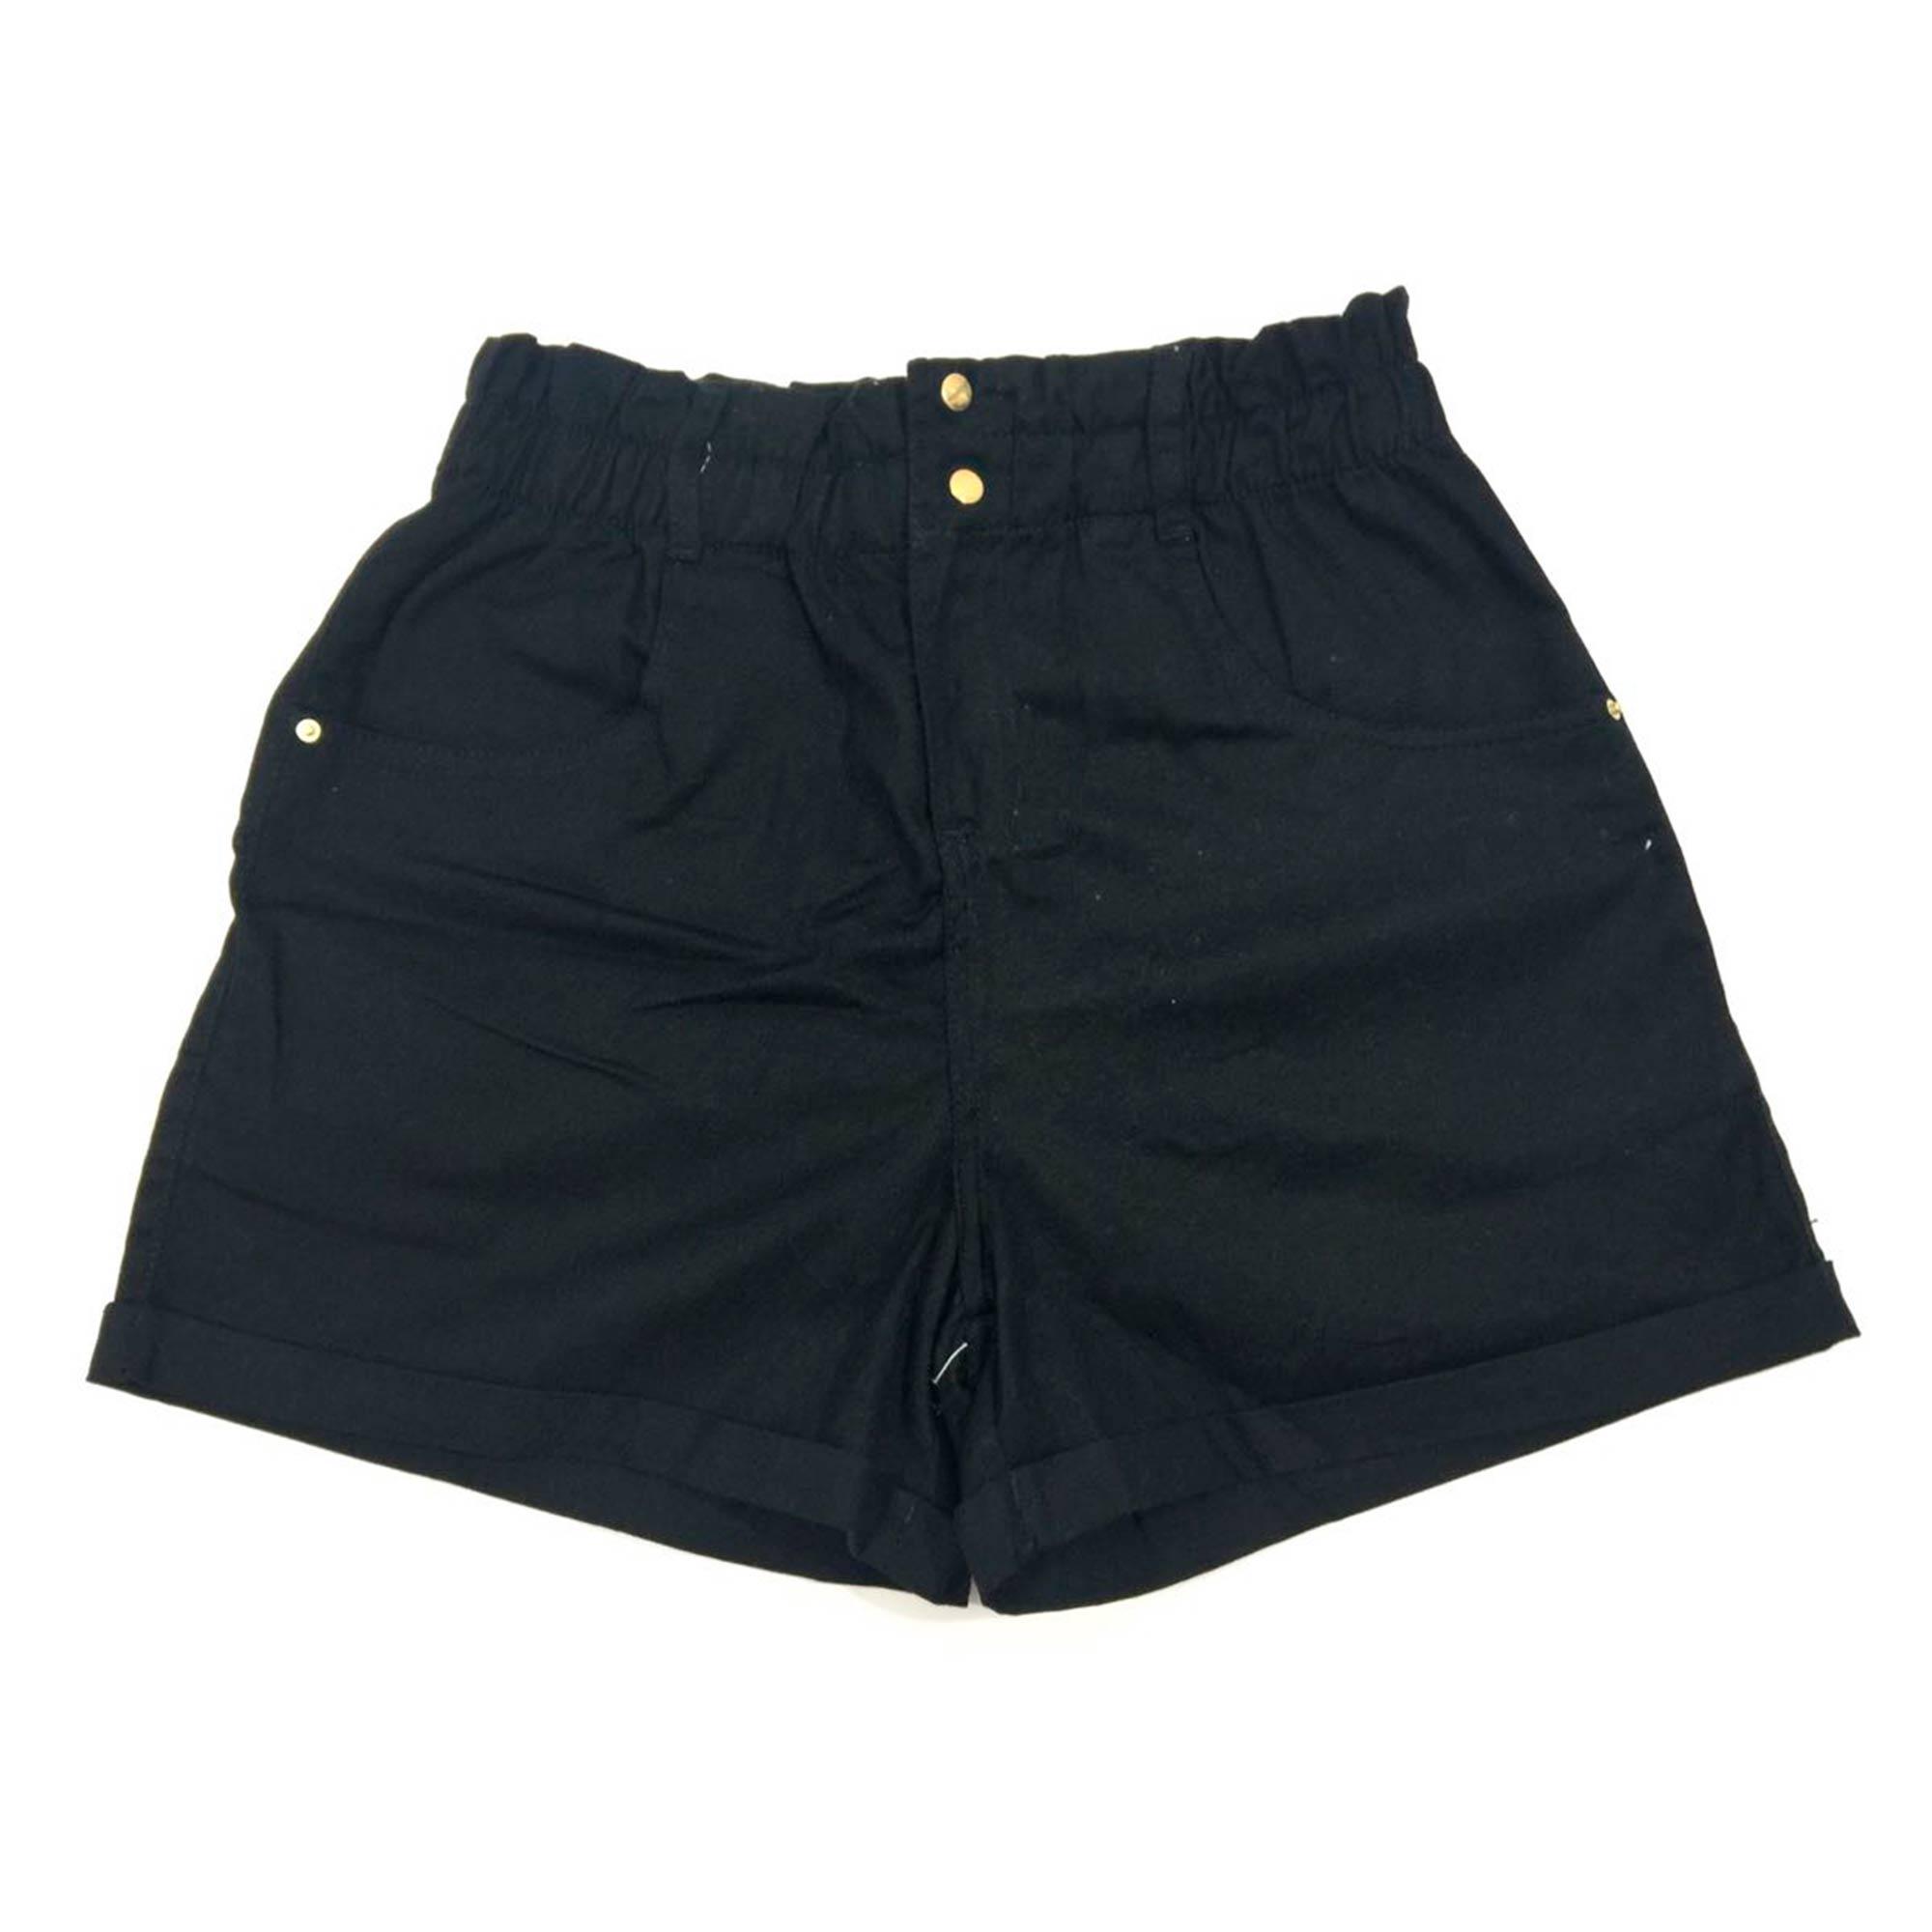 Short Bobbylulu 18011